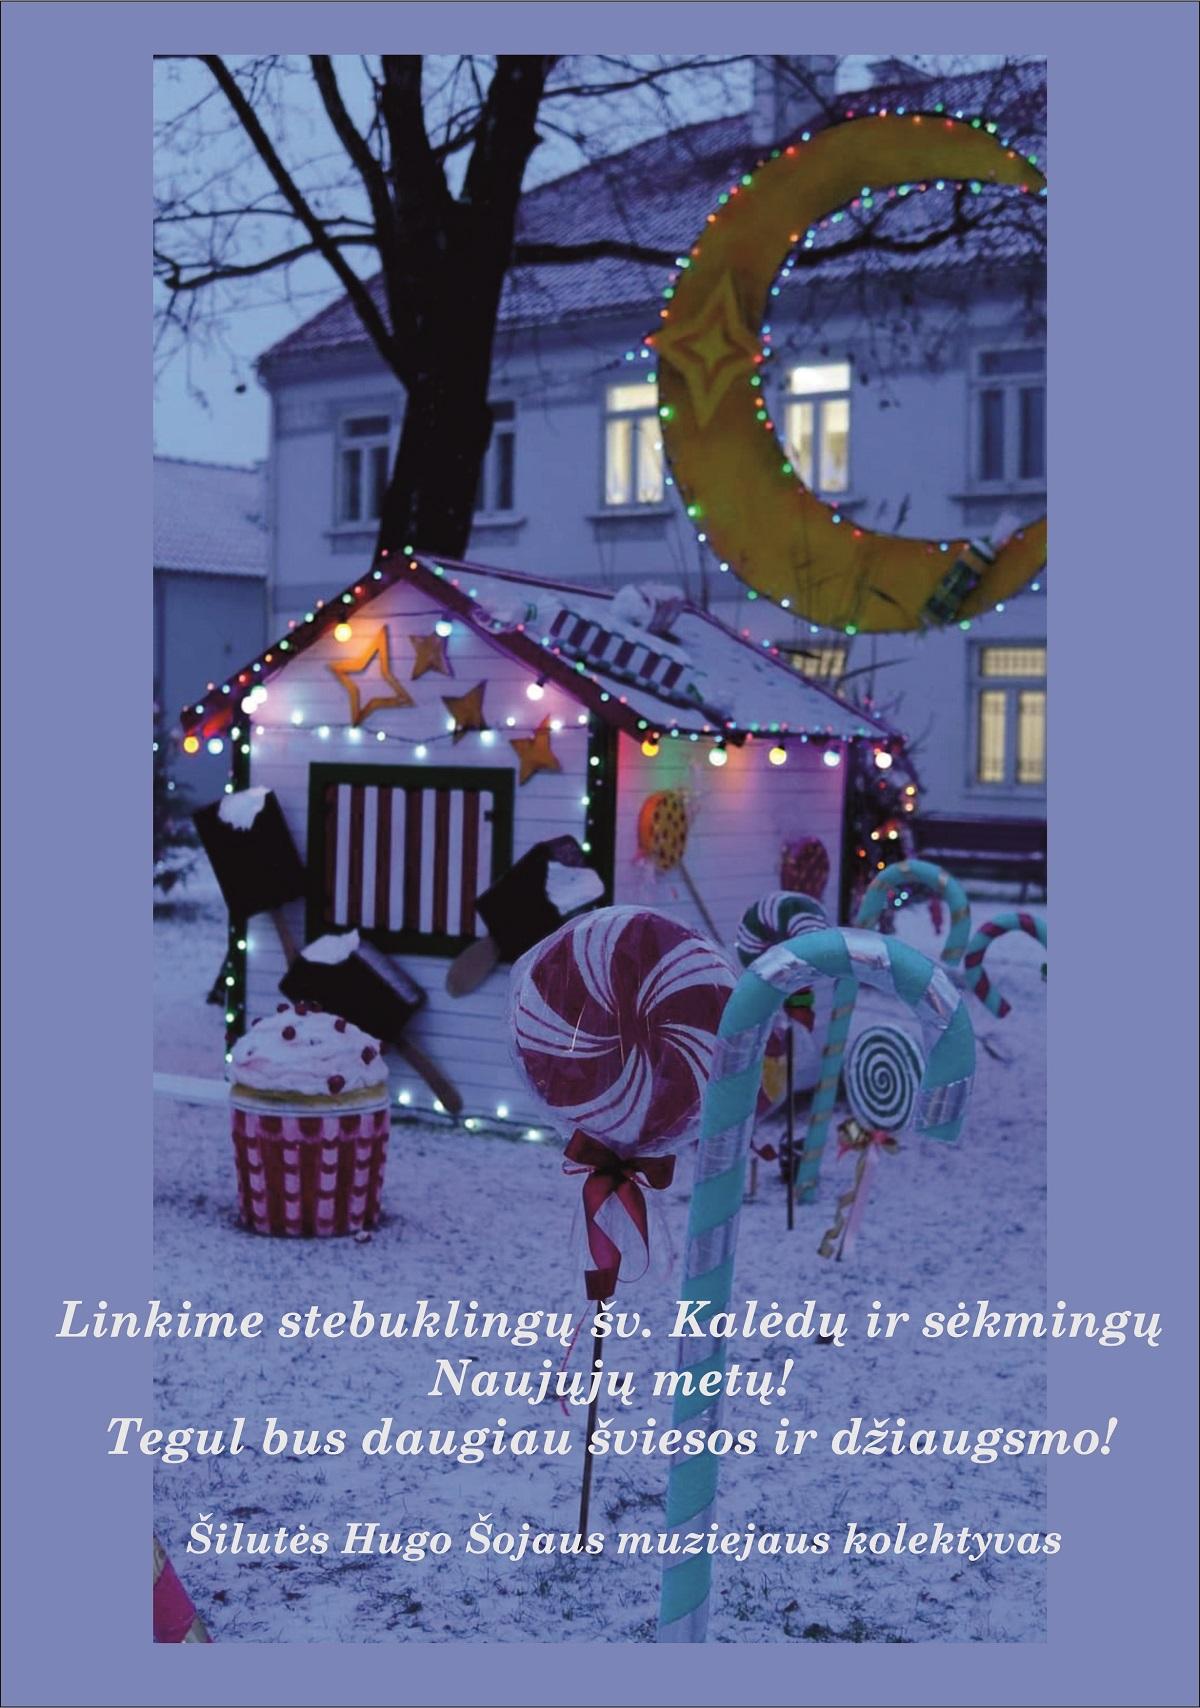 Linkime stebuklingų šv. Kalėdų ir sėkmingų Naujųjų metų!